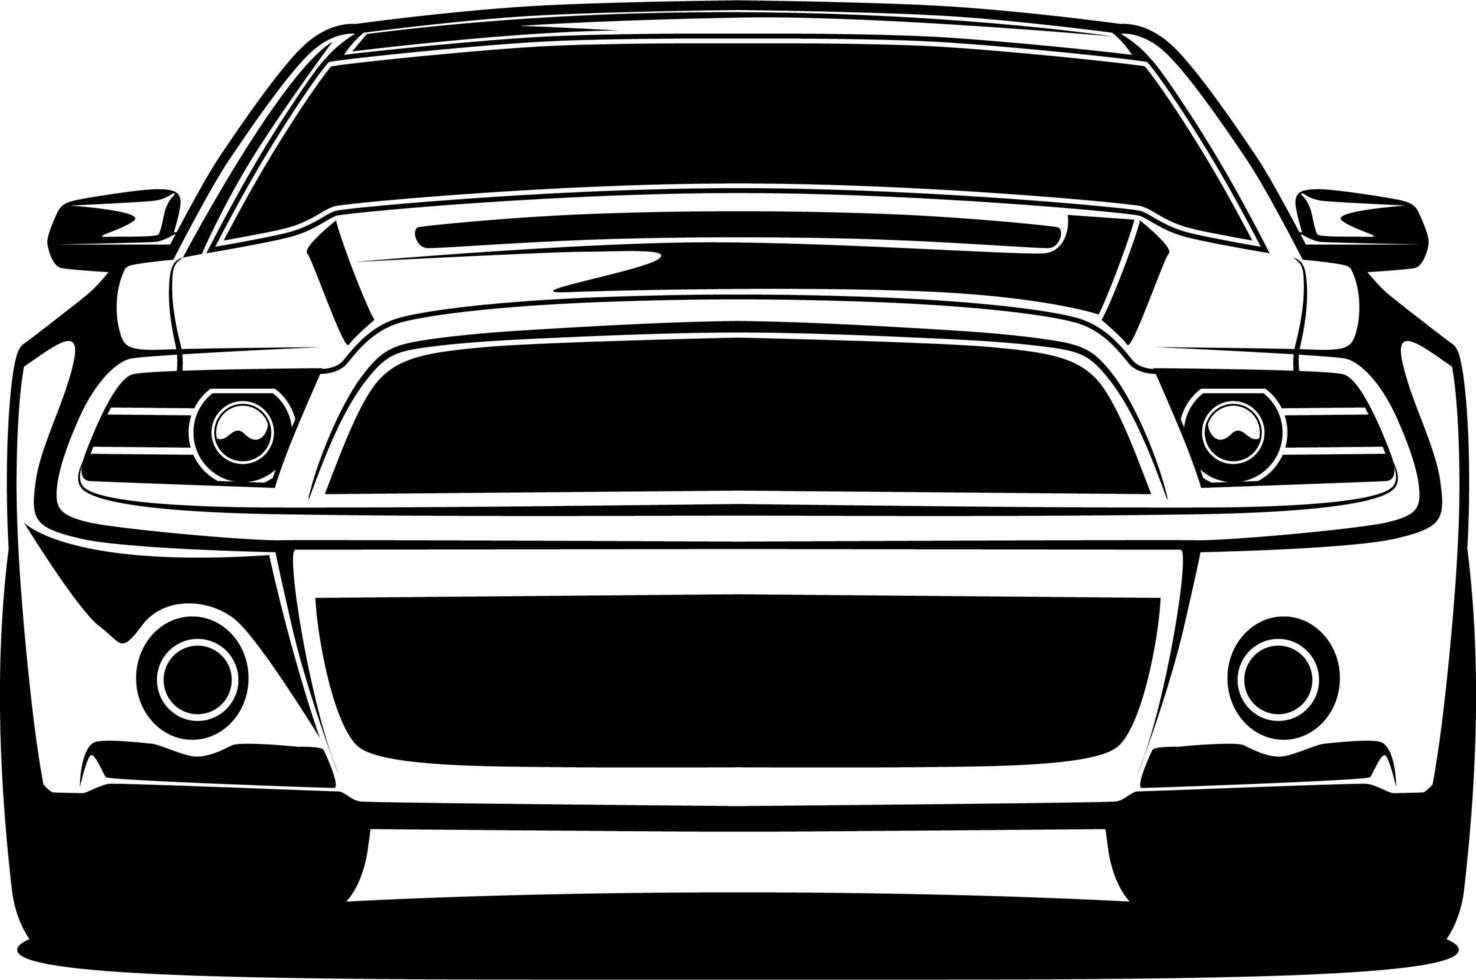 dibujo frontal del coche blanco y negro vector